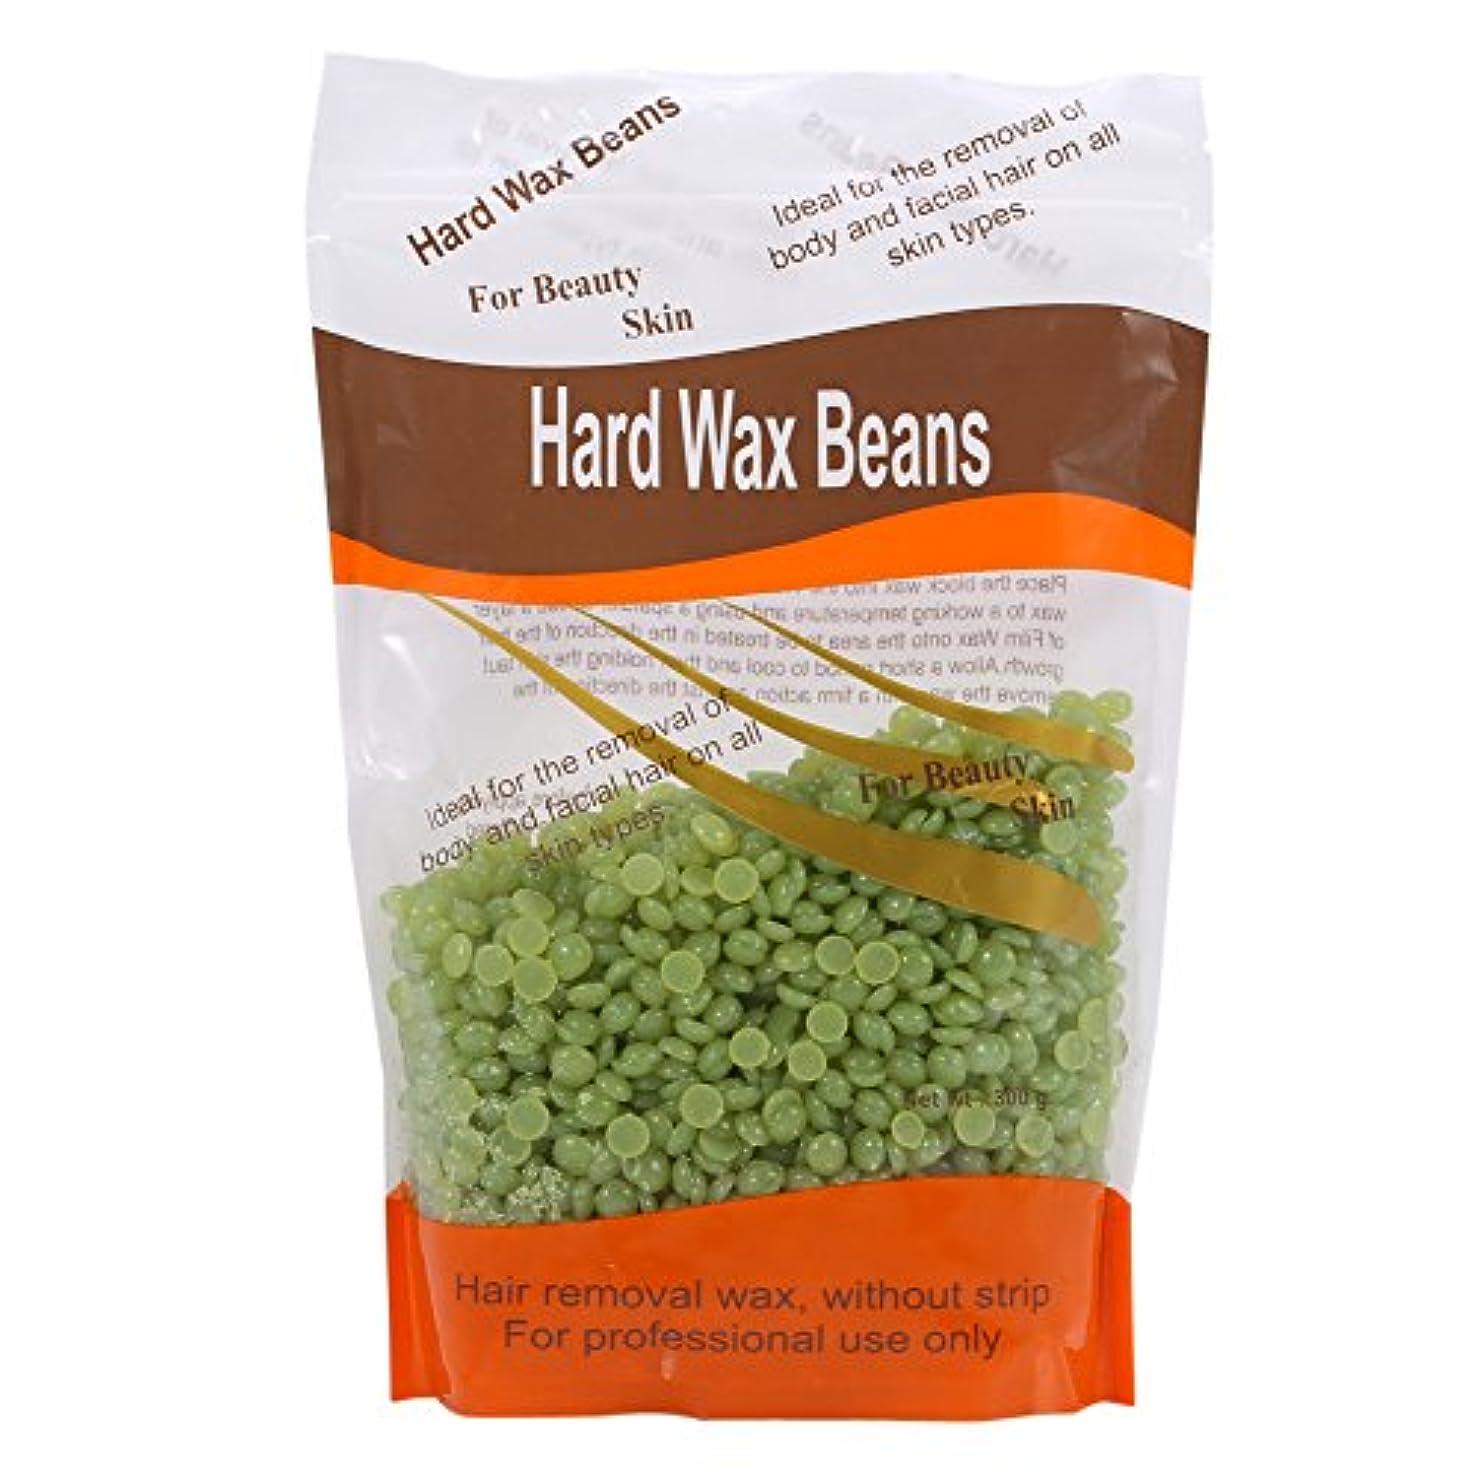 ハロウィン死にかけているペグEboxer 脱毛ワックス 粒状ハード 天然 安全 健康 保湿 七つのにおいを選ぶことができ 体は魅力的な香りを発散させる(ティーツリー)